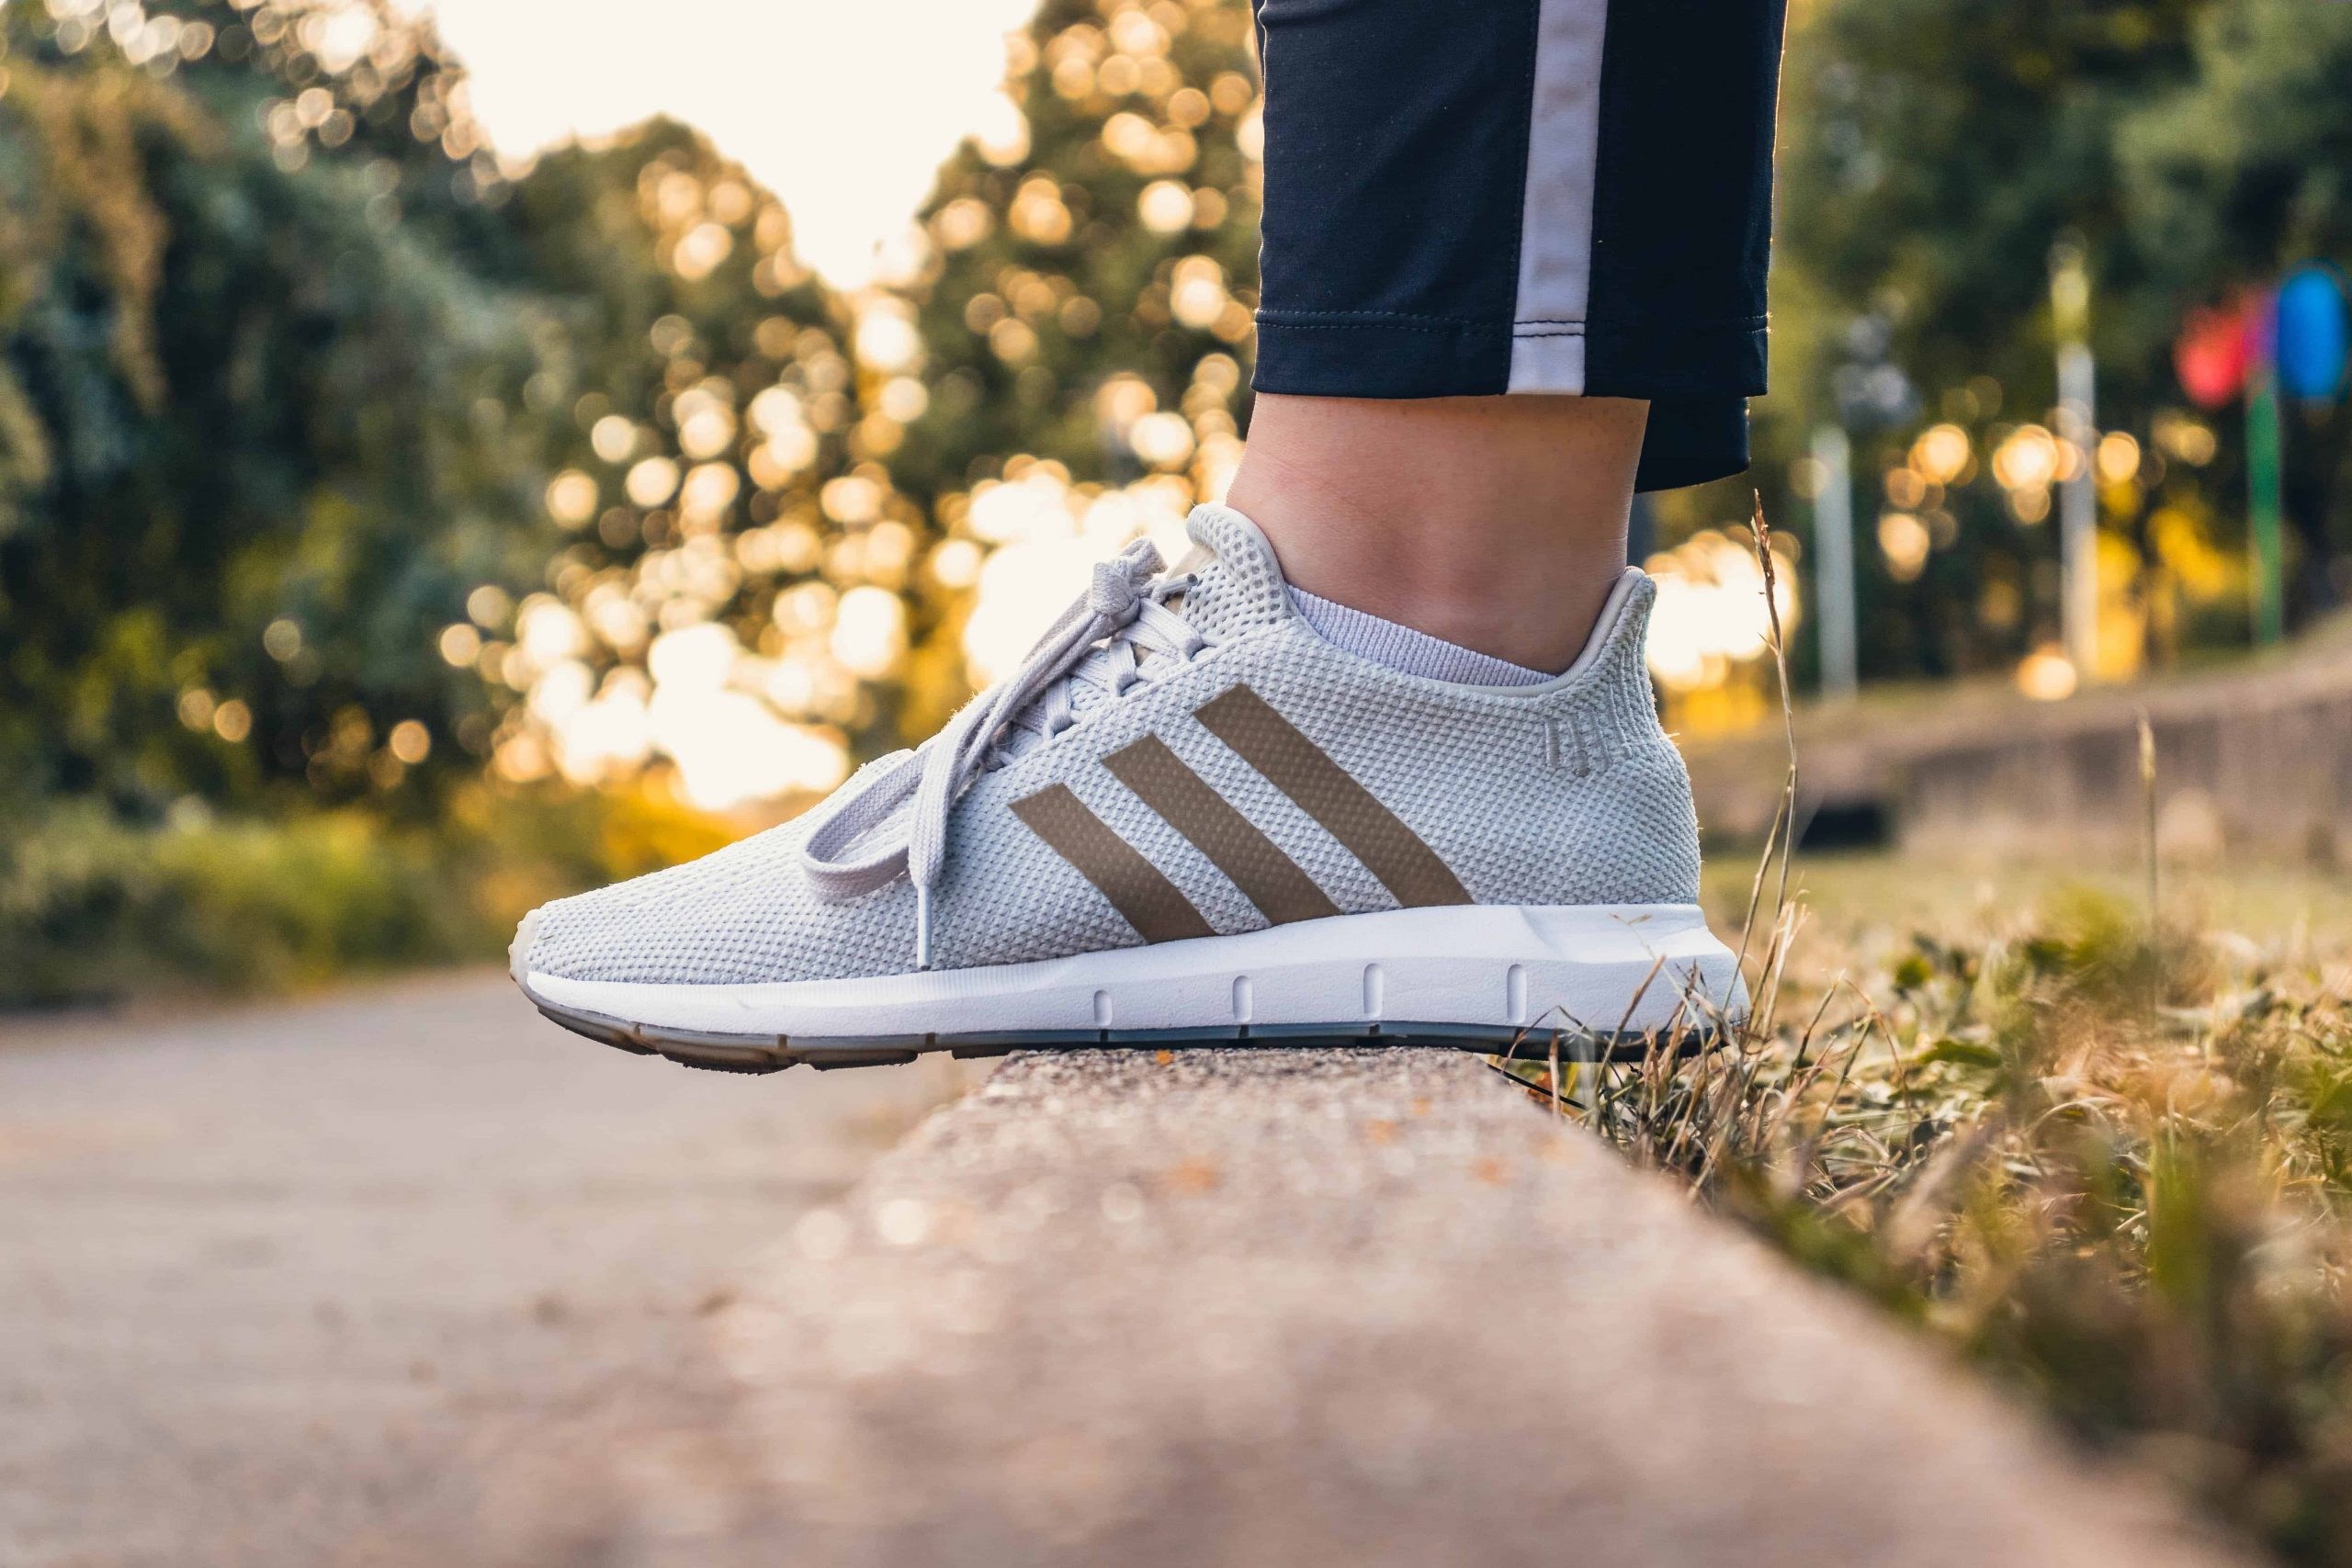 Migliori scarpe Adidas 2020: Guida all'acquisto